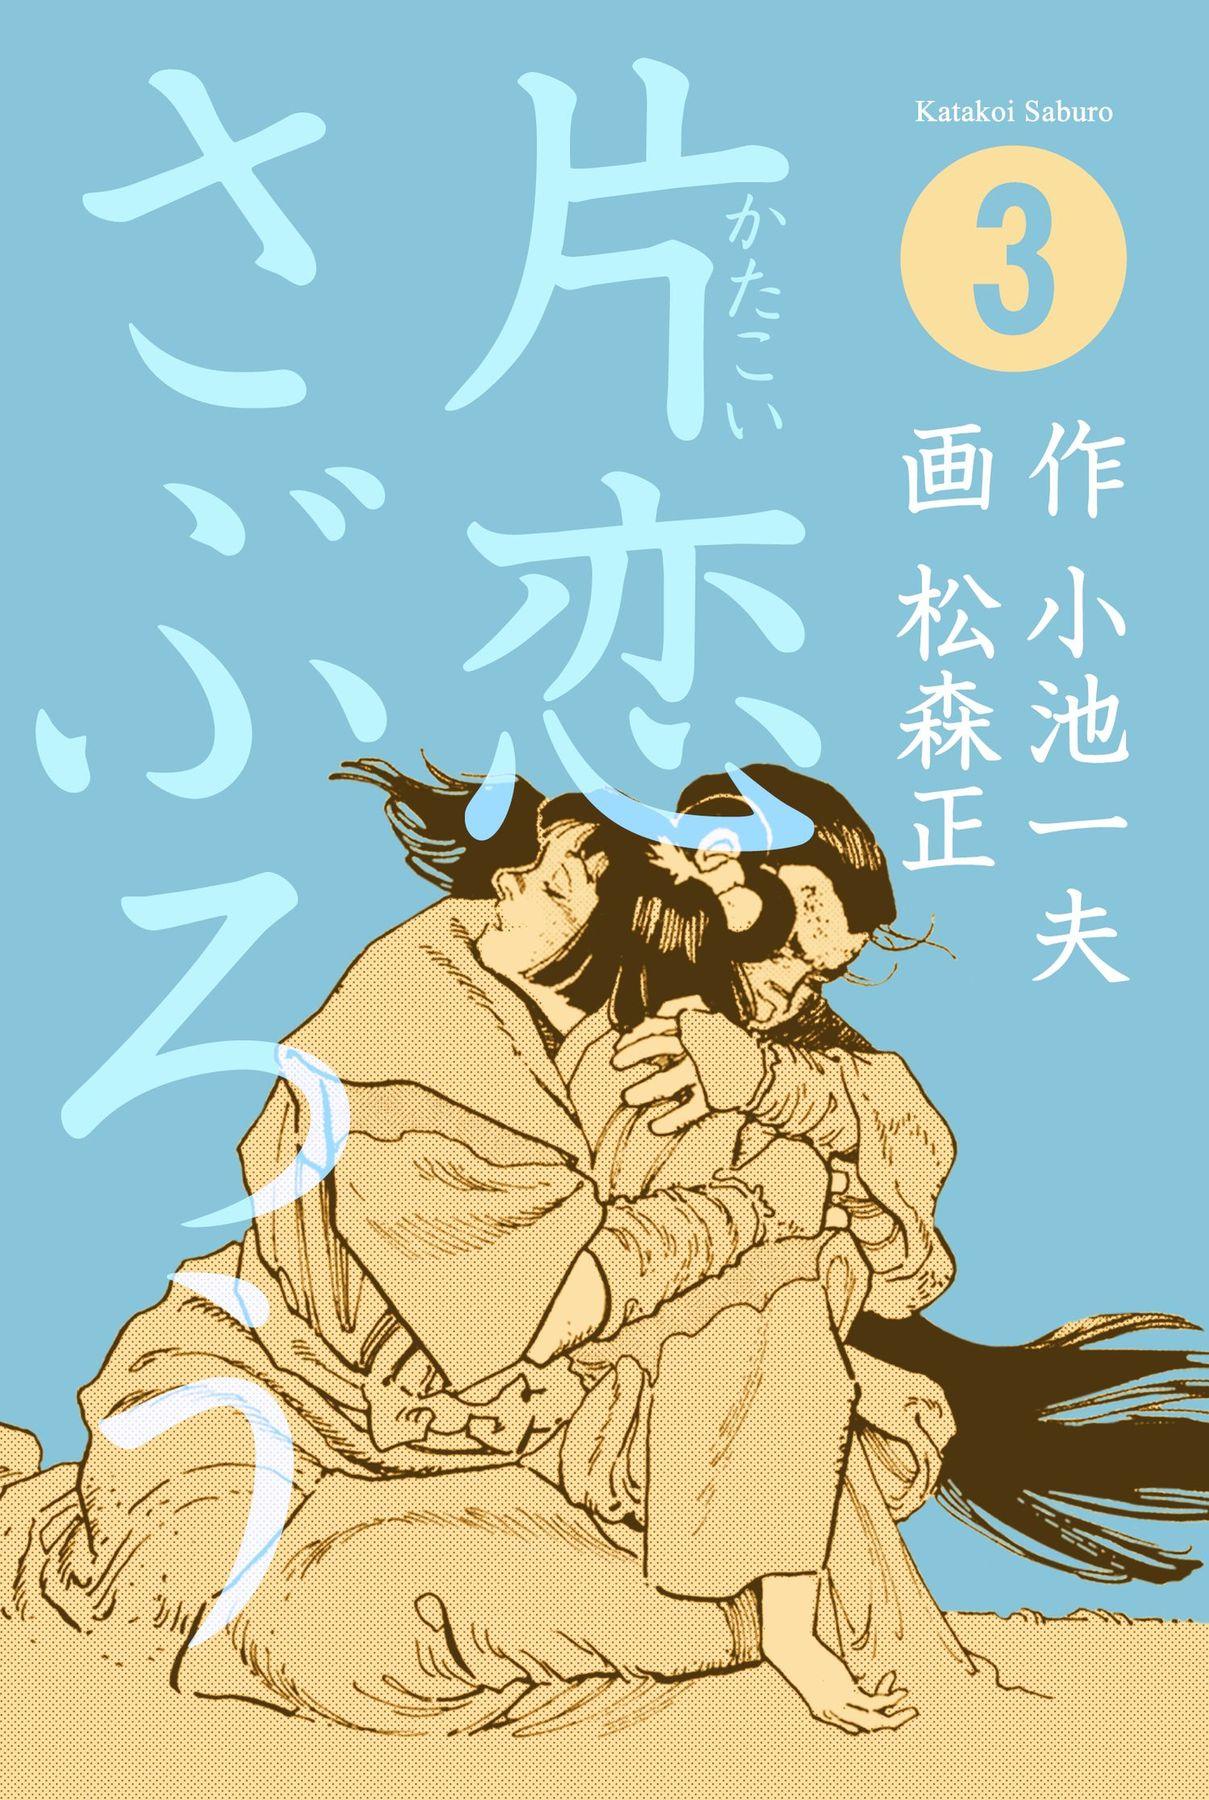 片恋さぶろう(第3巻)